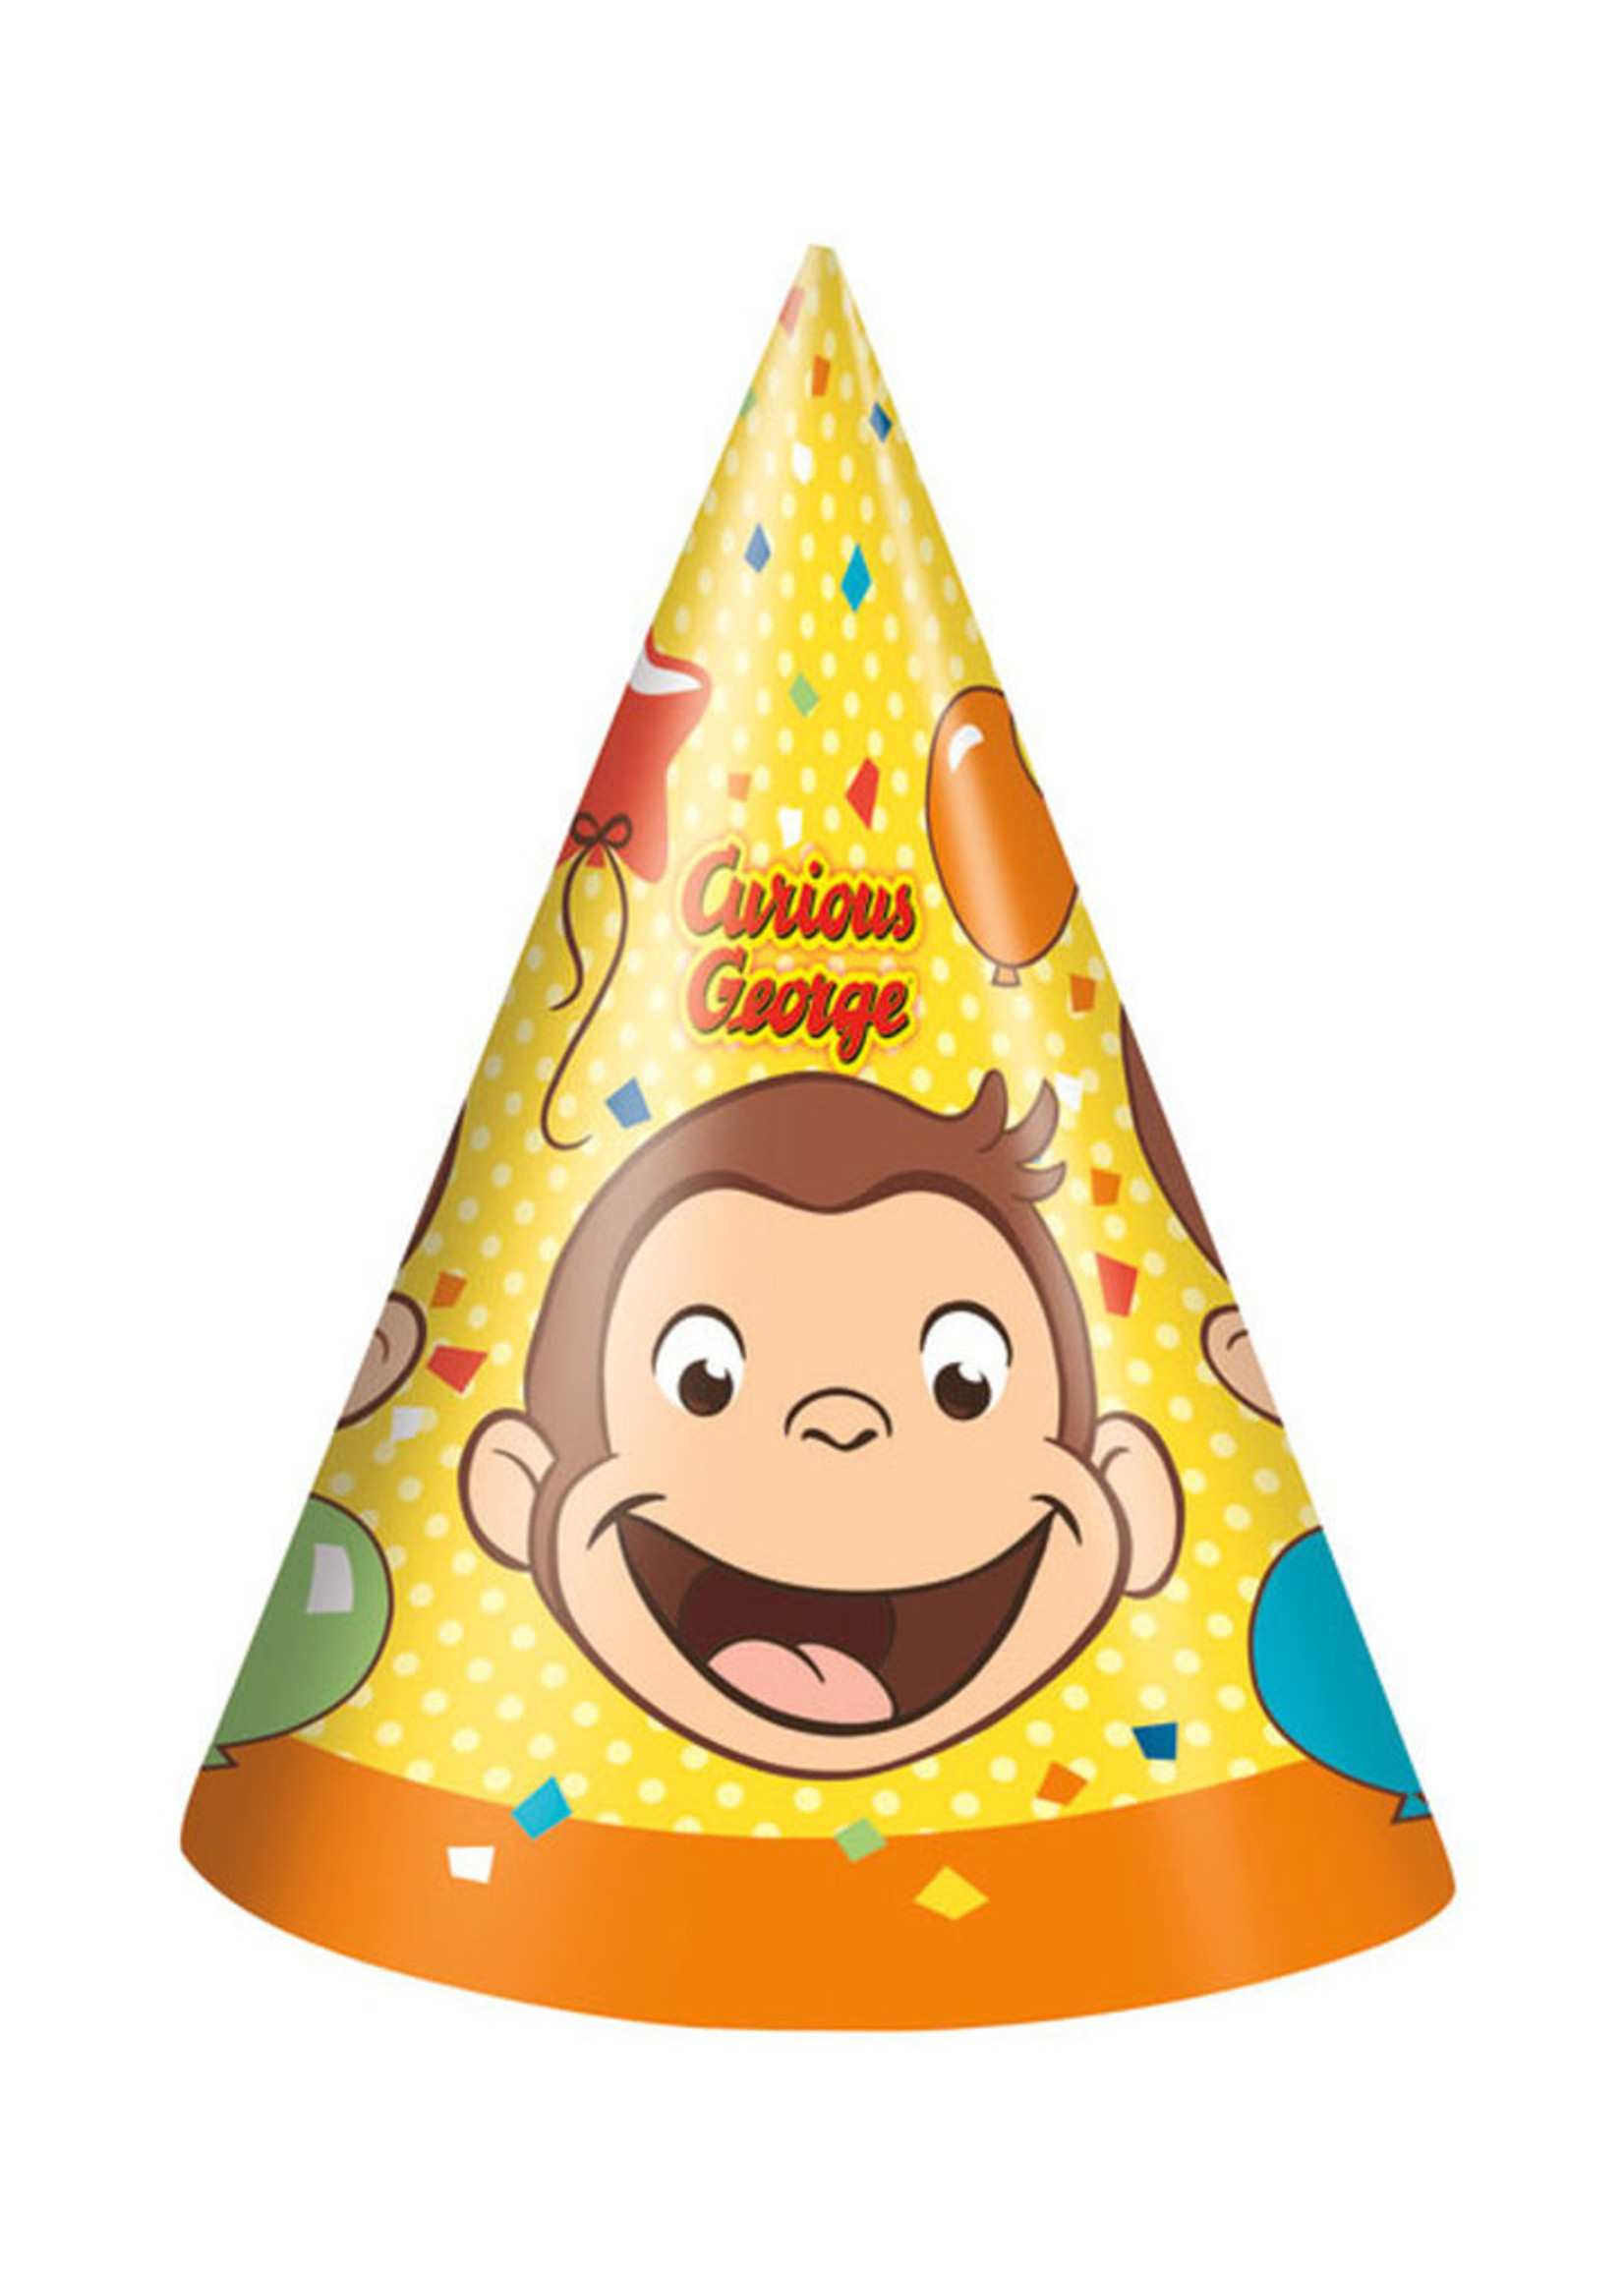 UNIQUE INDUSTRIES INC Curious George Party Hats - 8ct